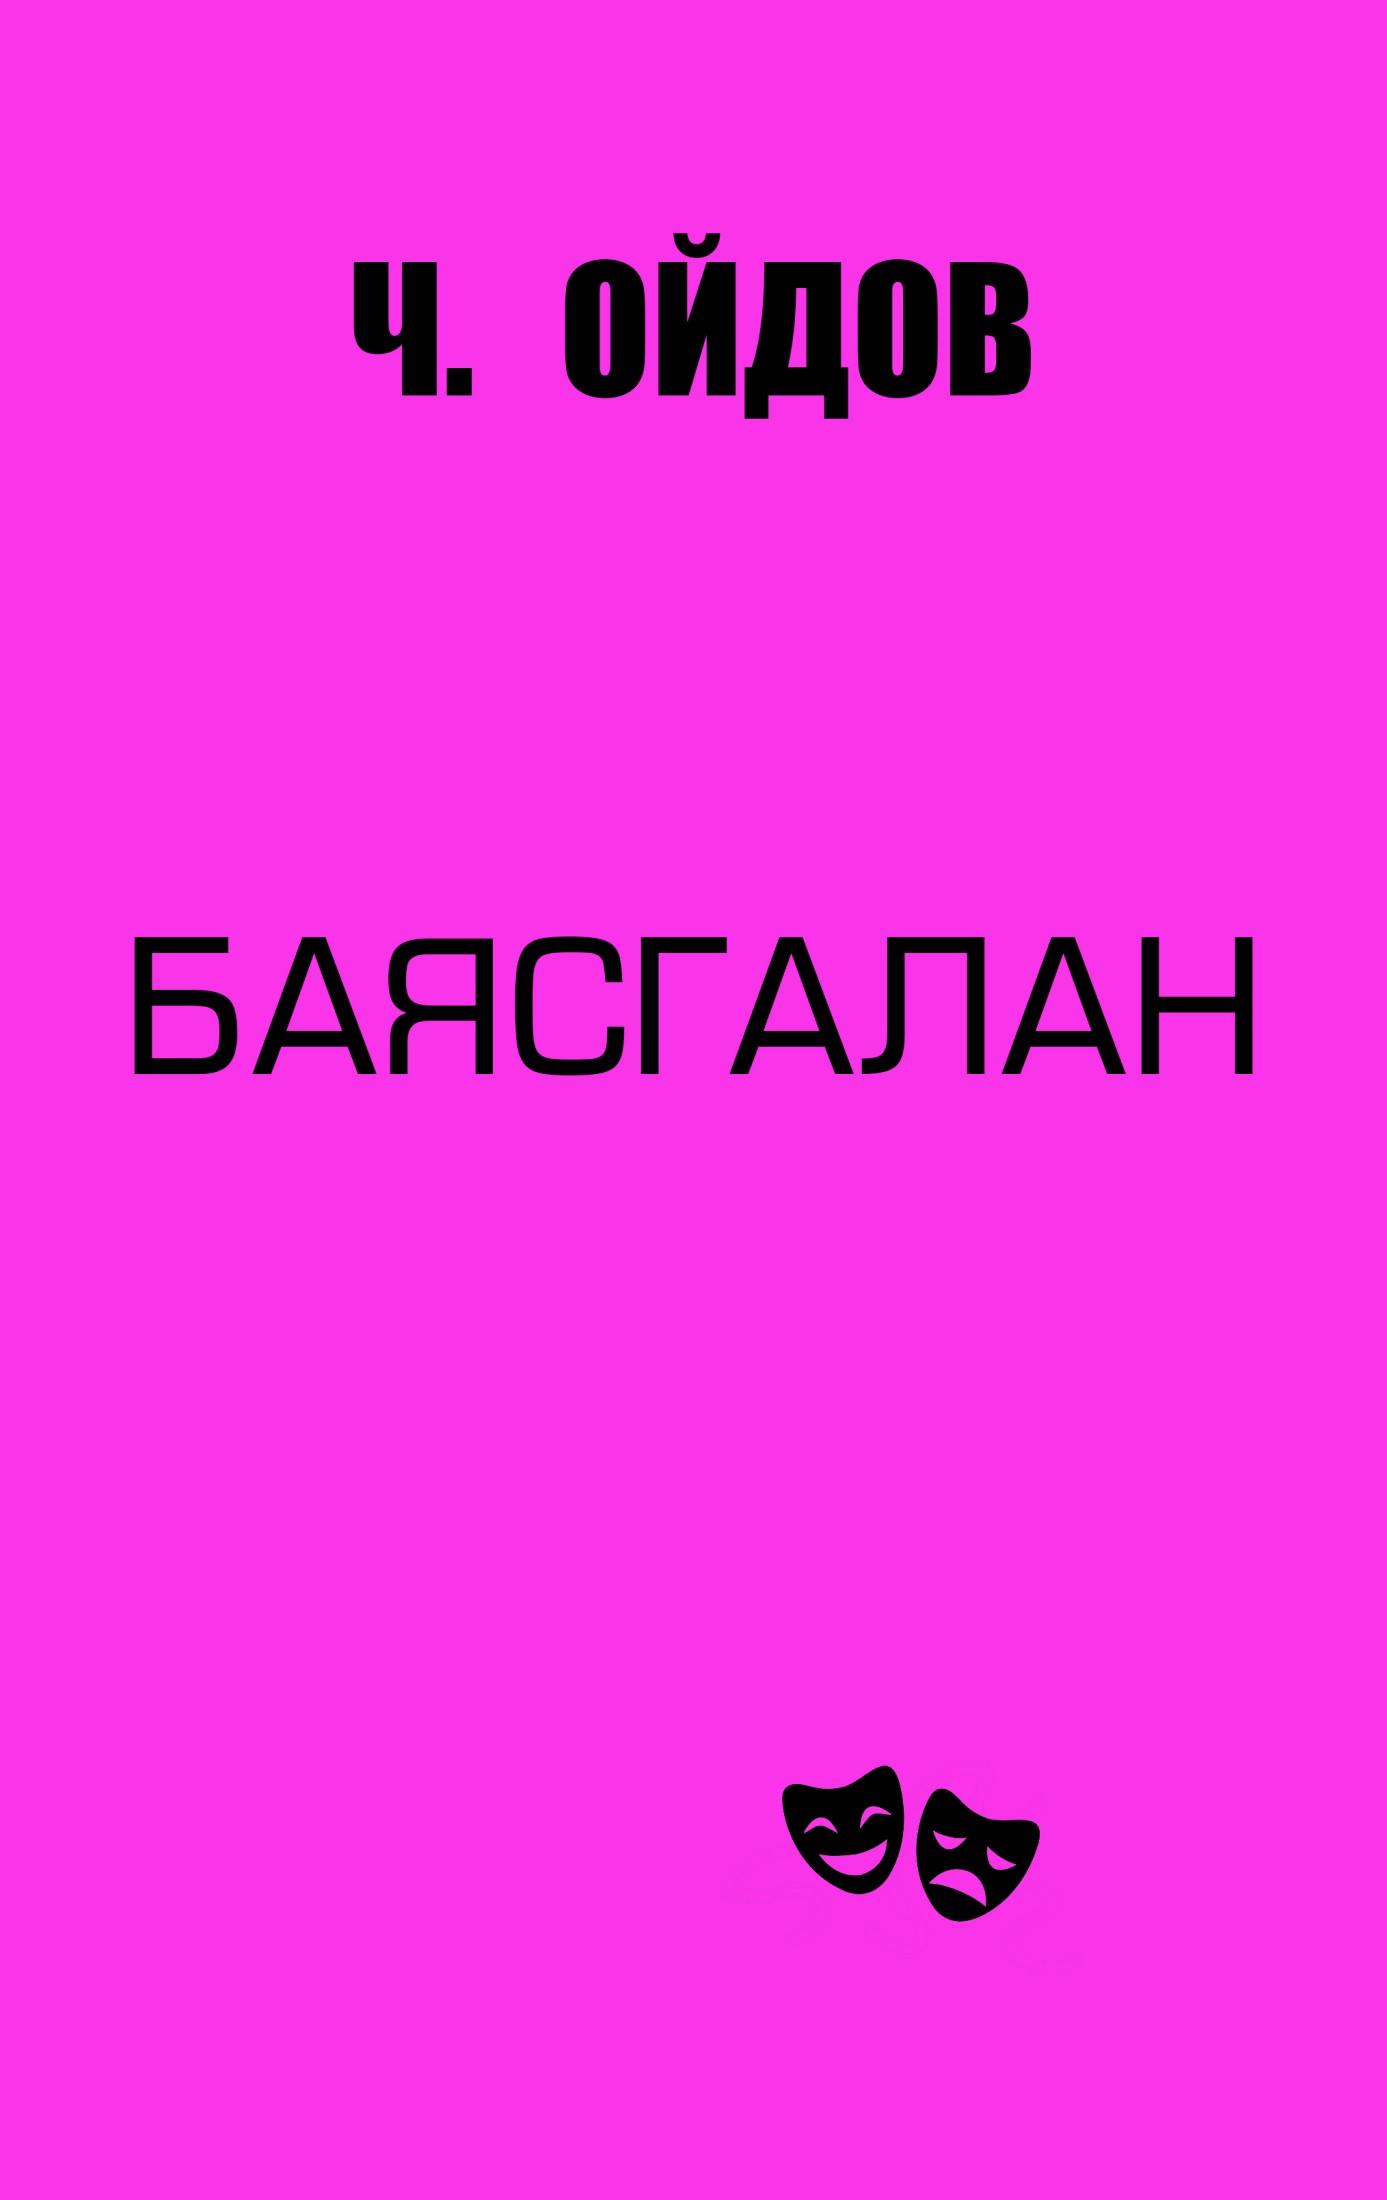 БАЯСГАЛАН